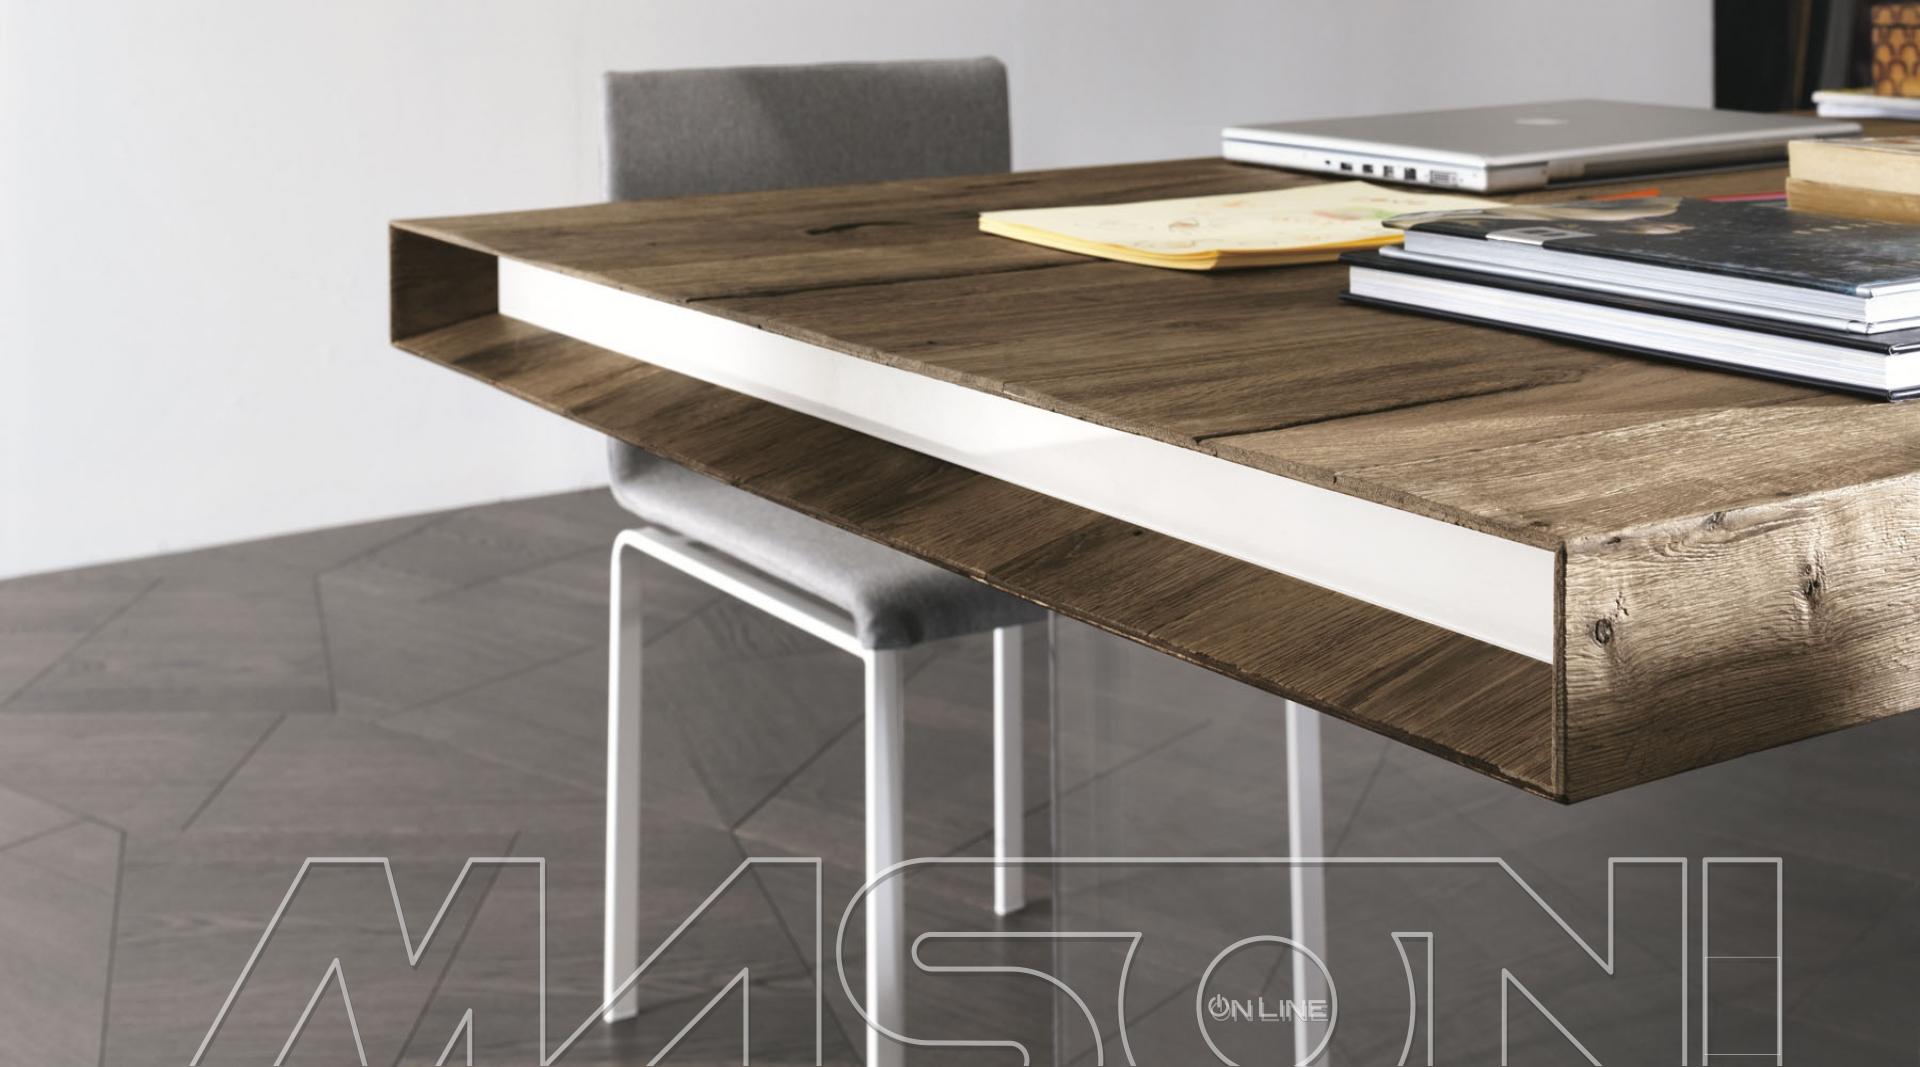 Consolle allungabile mercatone uno tavoli consolle - Tavolo consolle allungabile mercatone uno ...